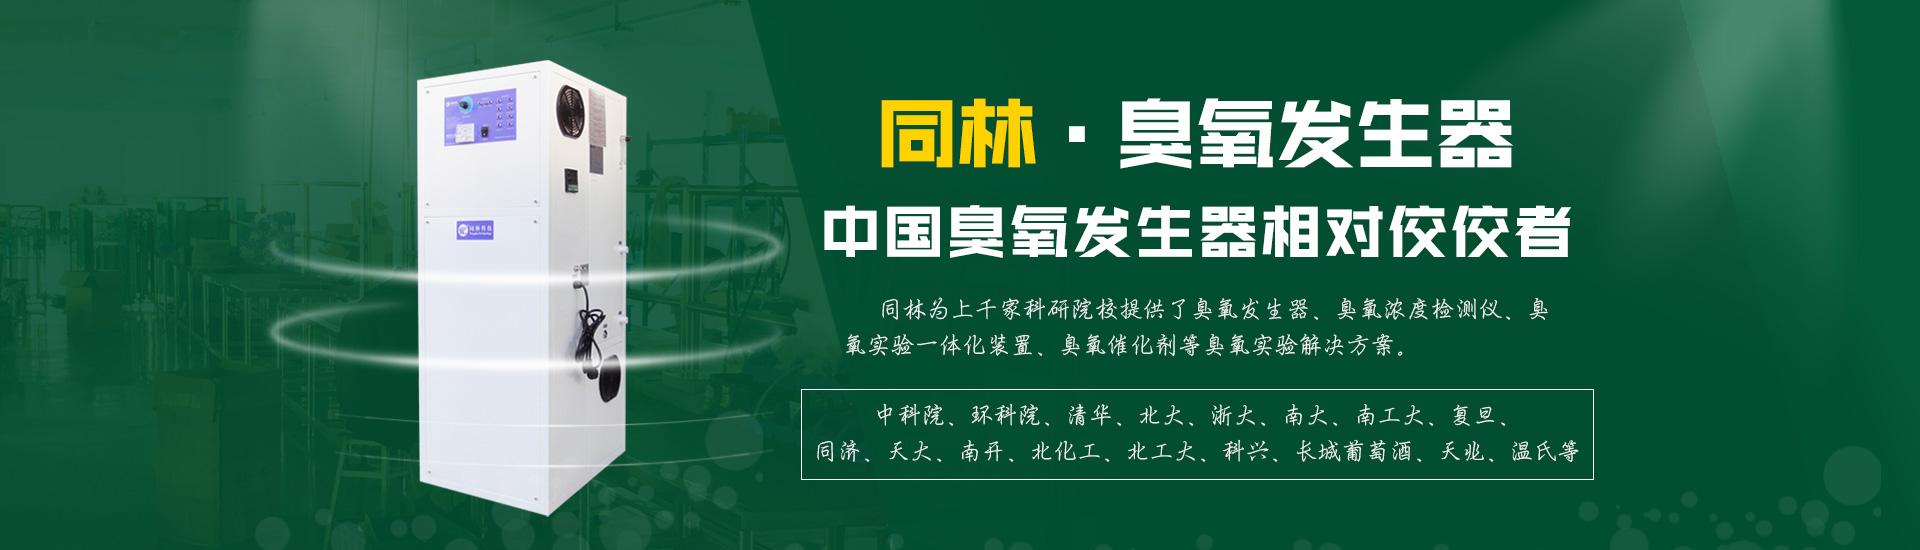 中國臭氧優秀品牌